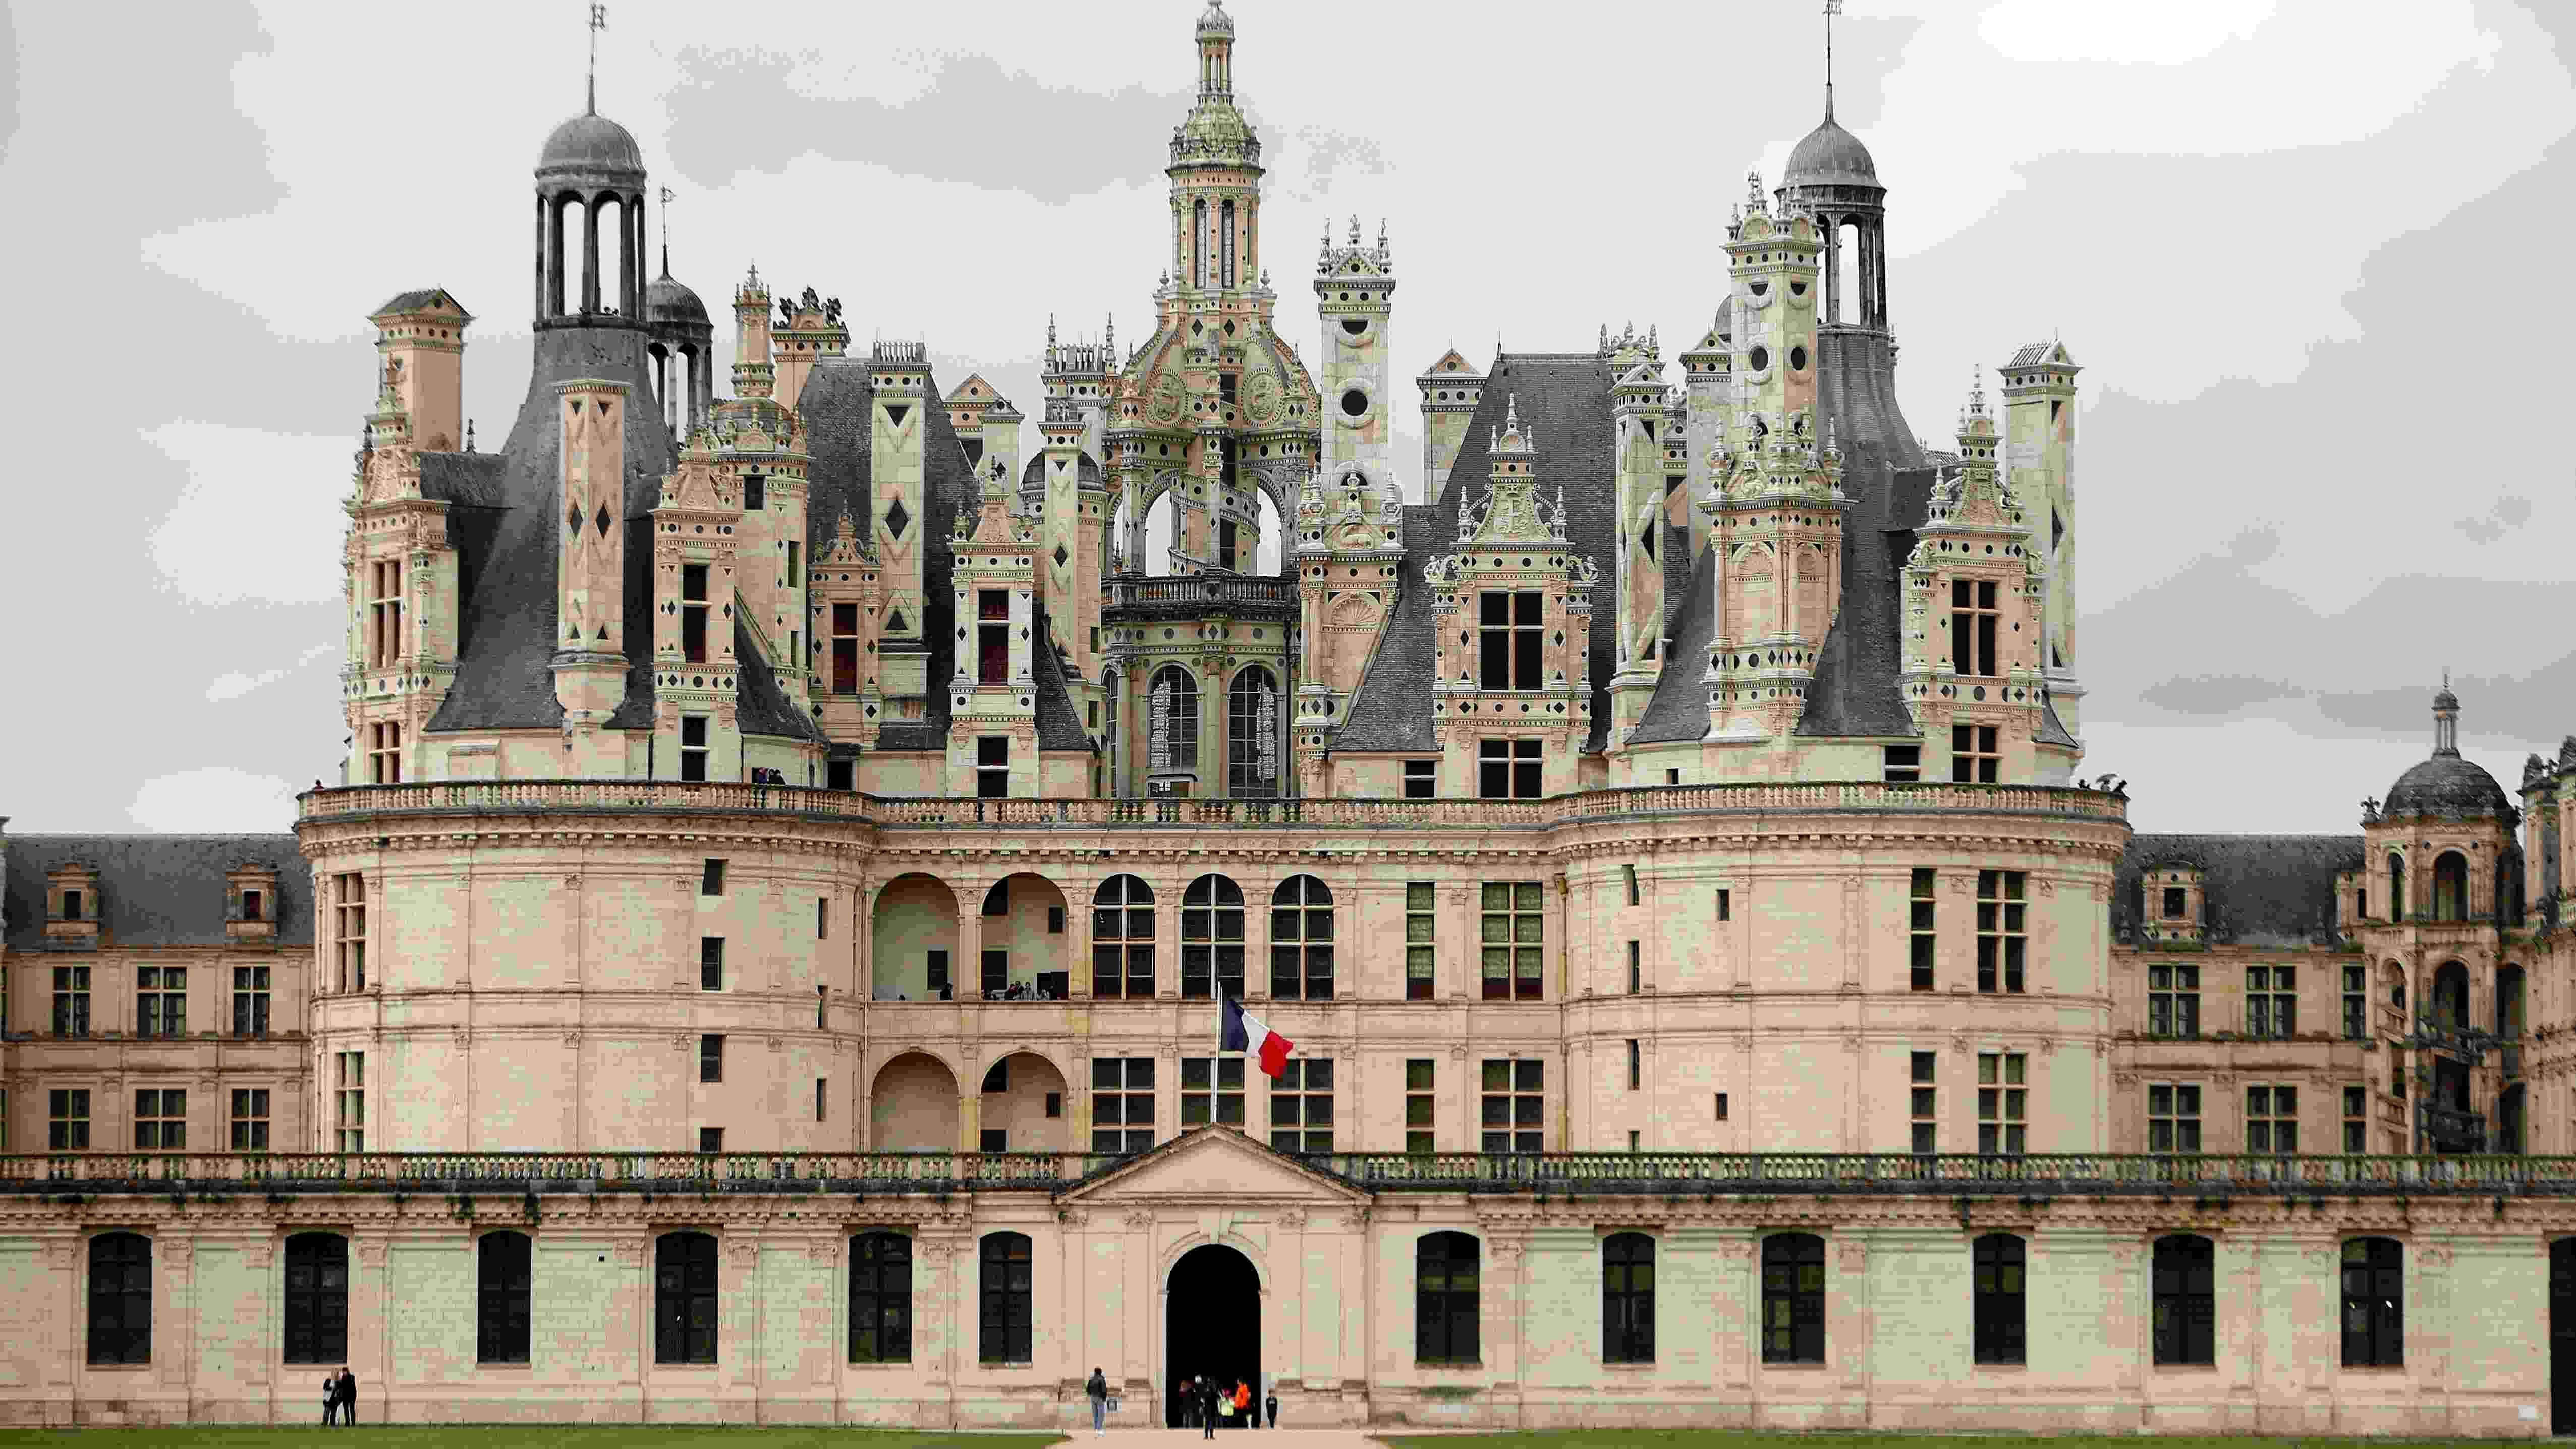 French castles celebrate Leonardo da Vinci's 500th death anniversary